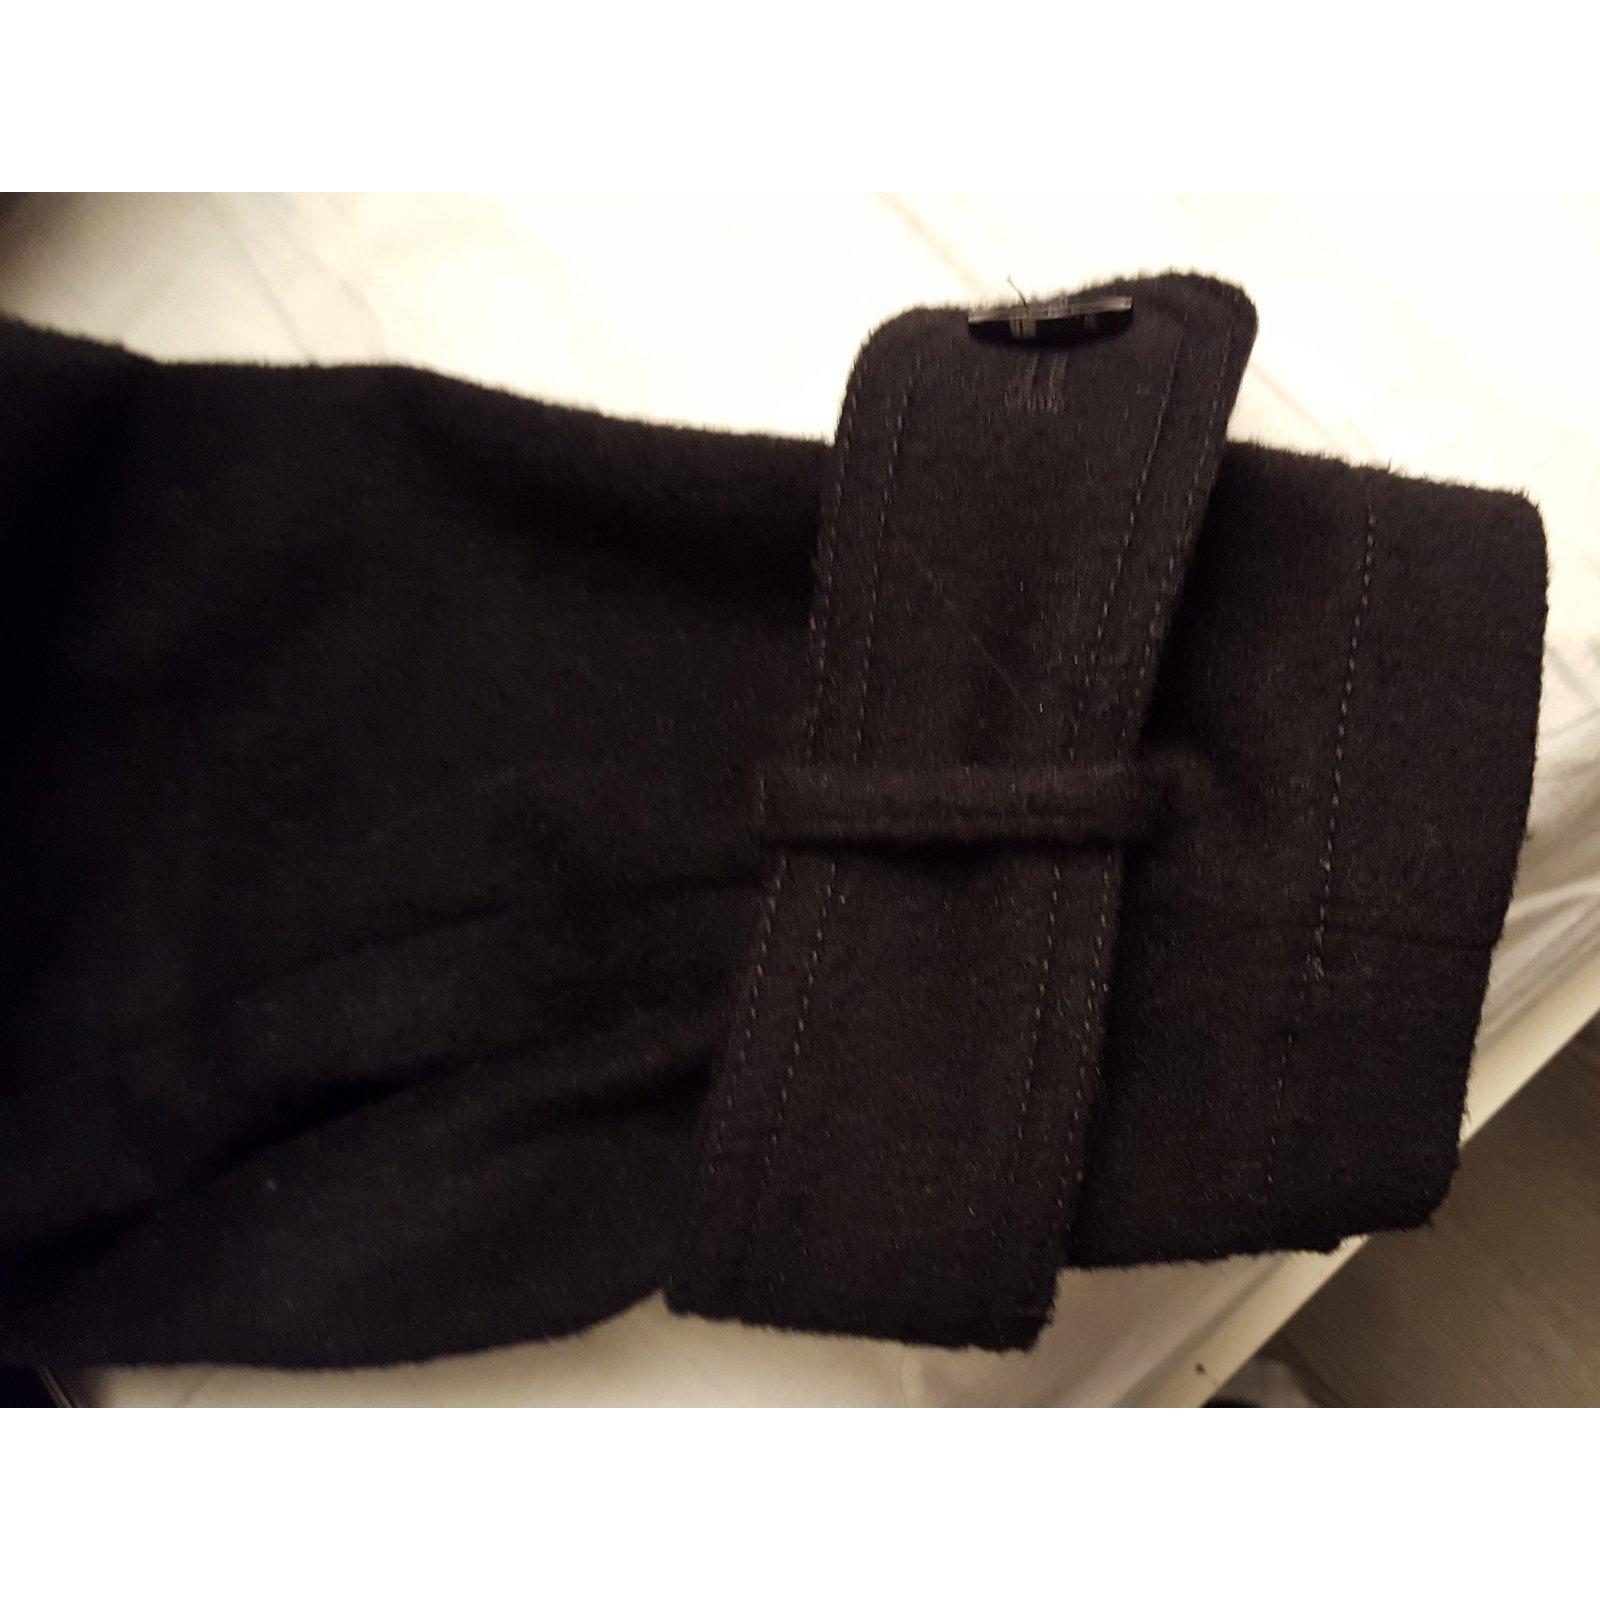 Manteau the Kooples oversize façon trench en drap de laine